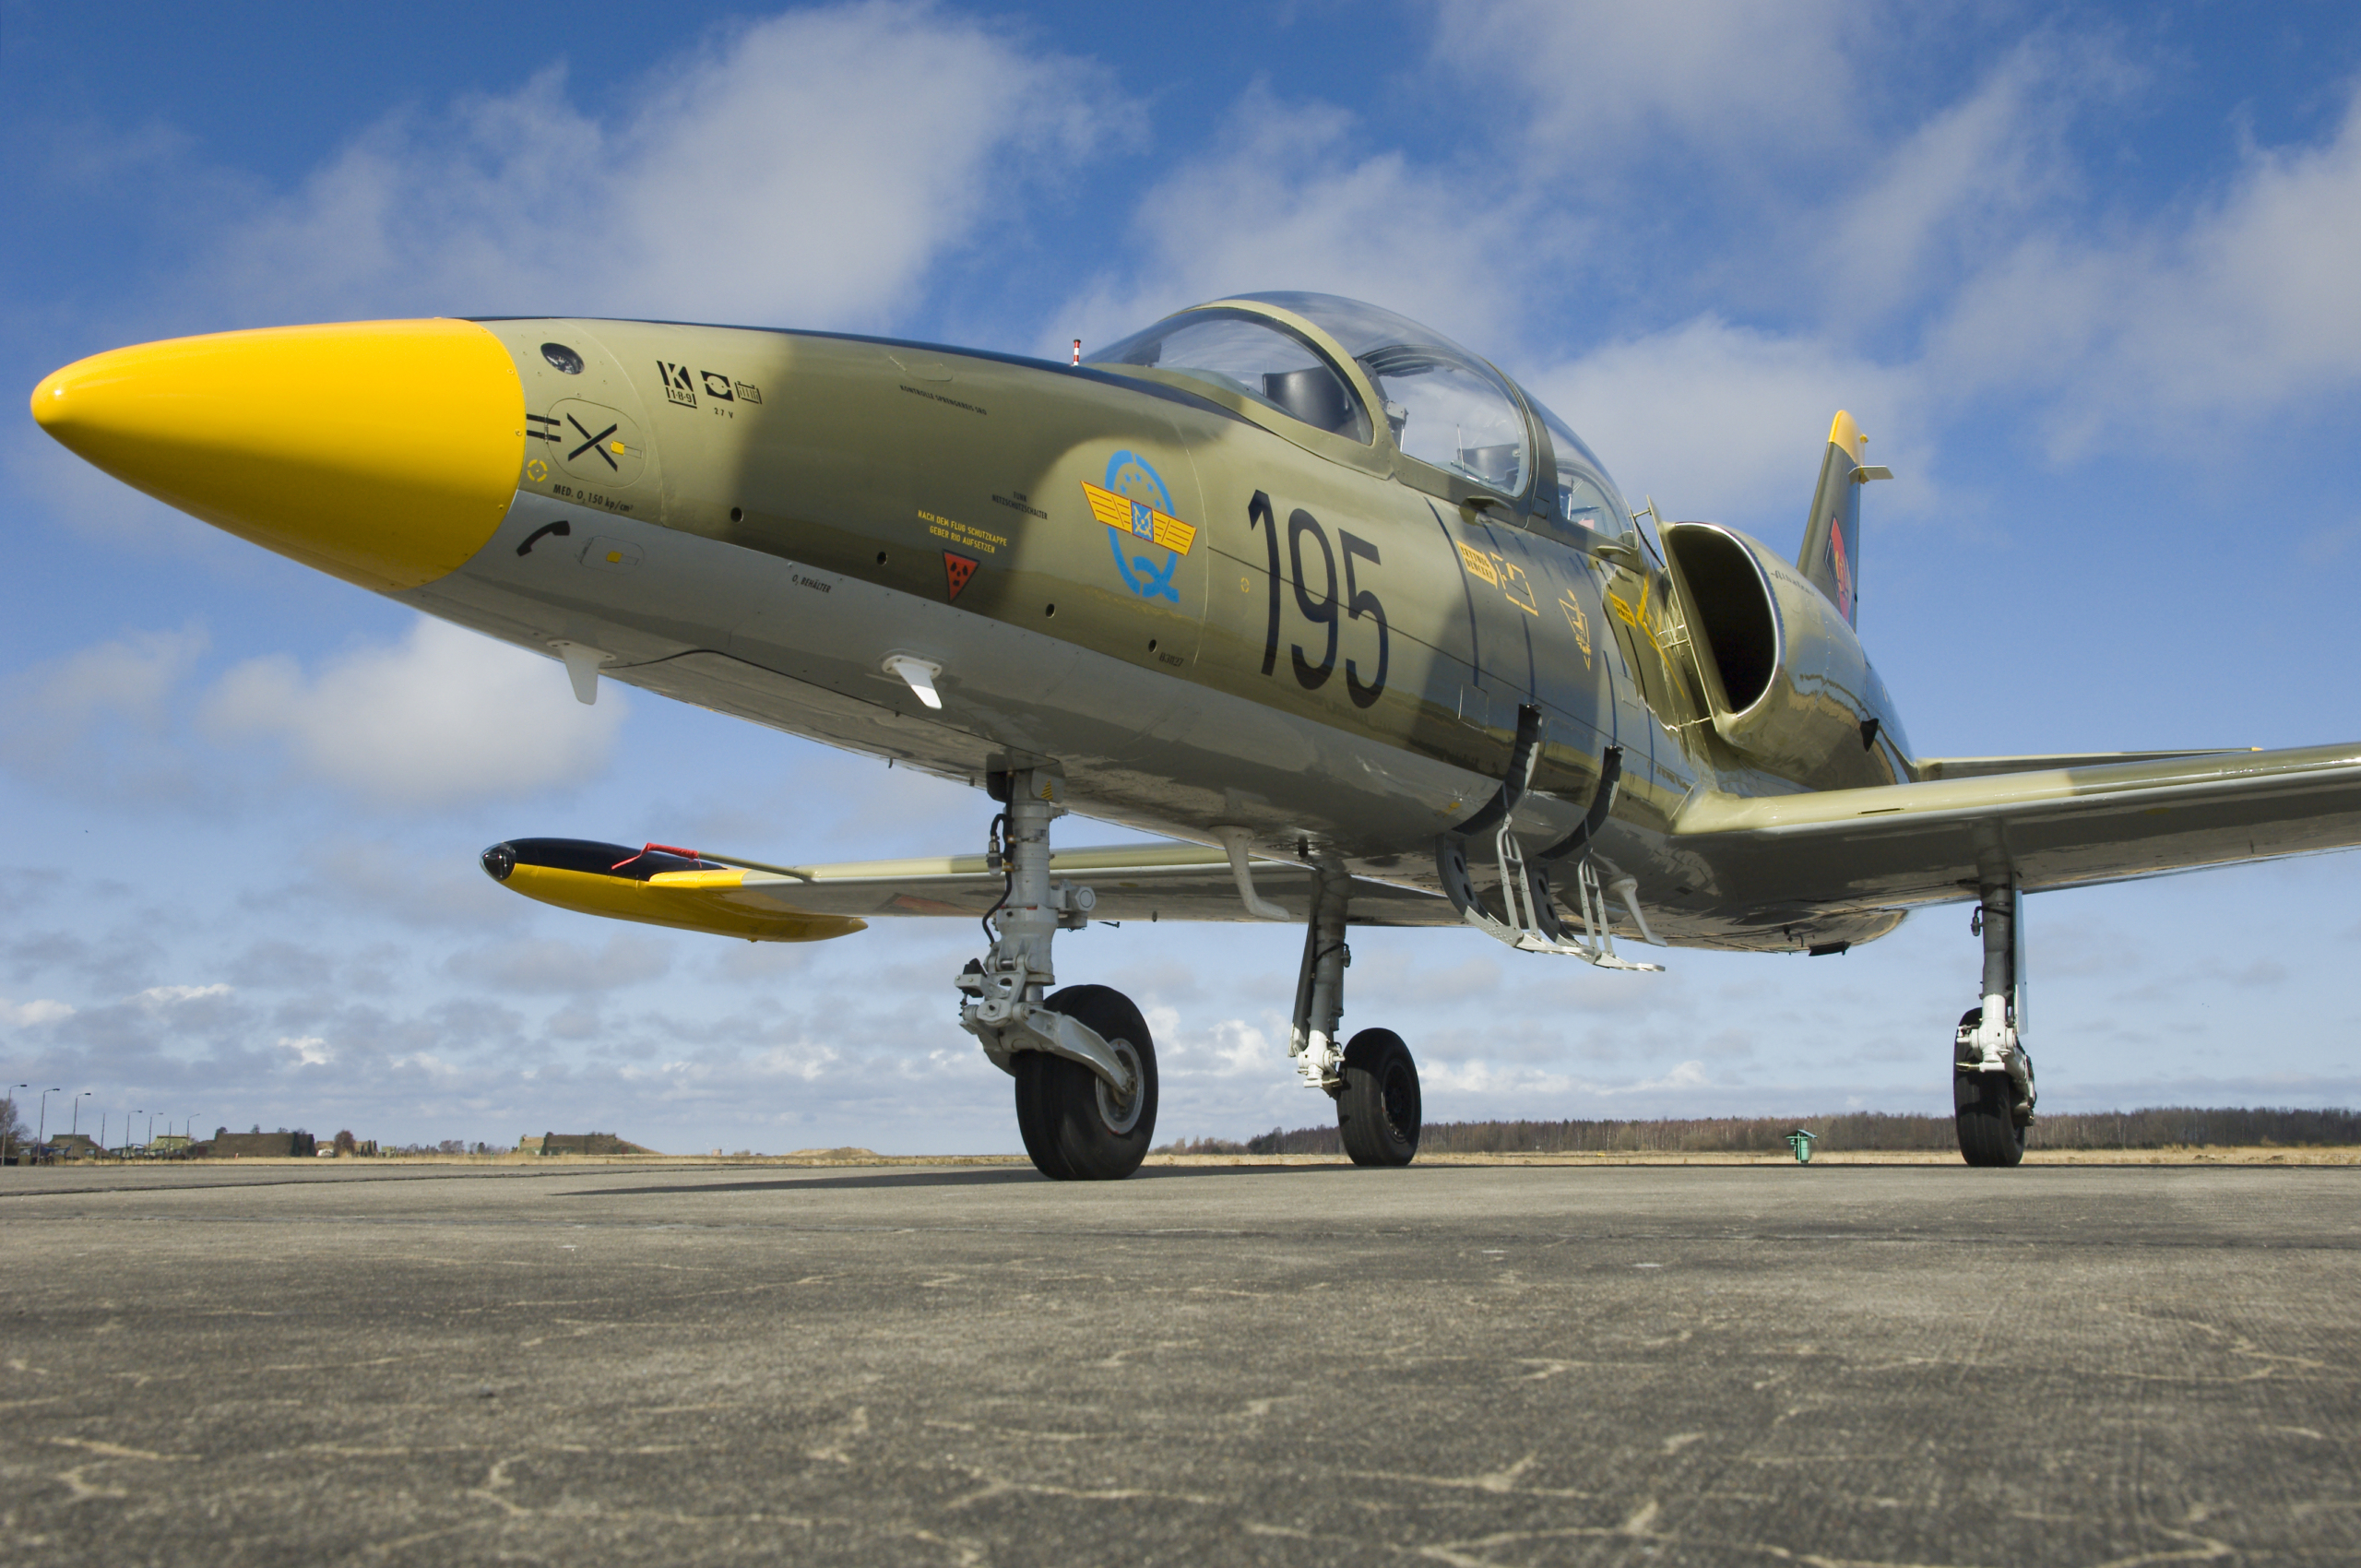 L-39 Jetflug In Tschechien verwandt mit Düsenjet Fliegen